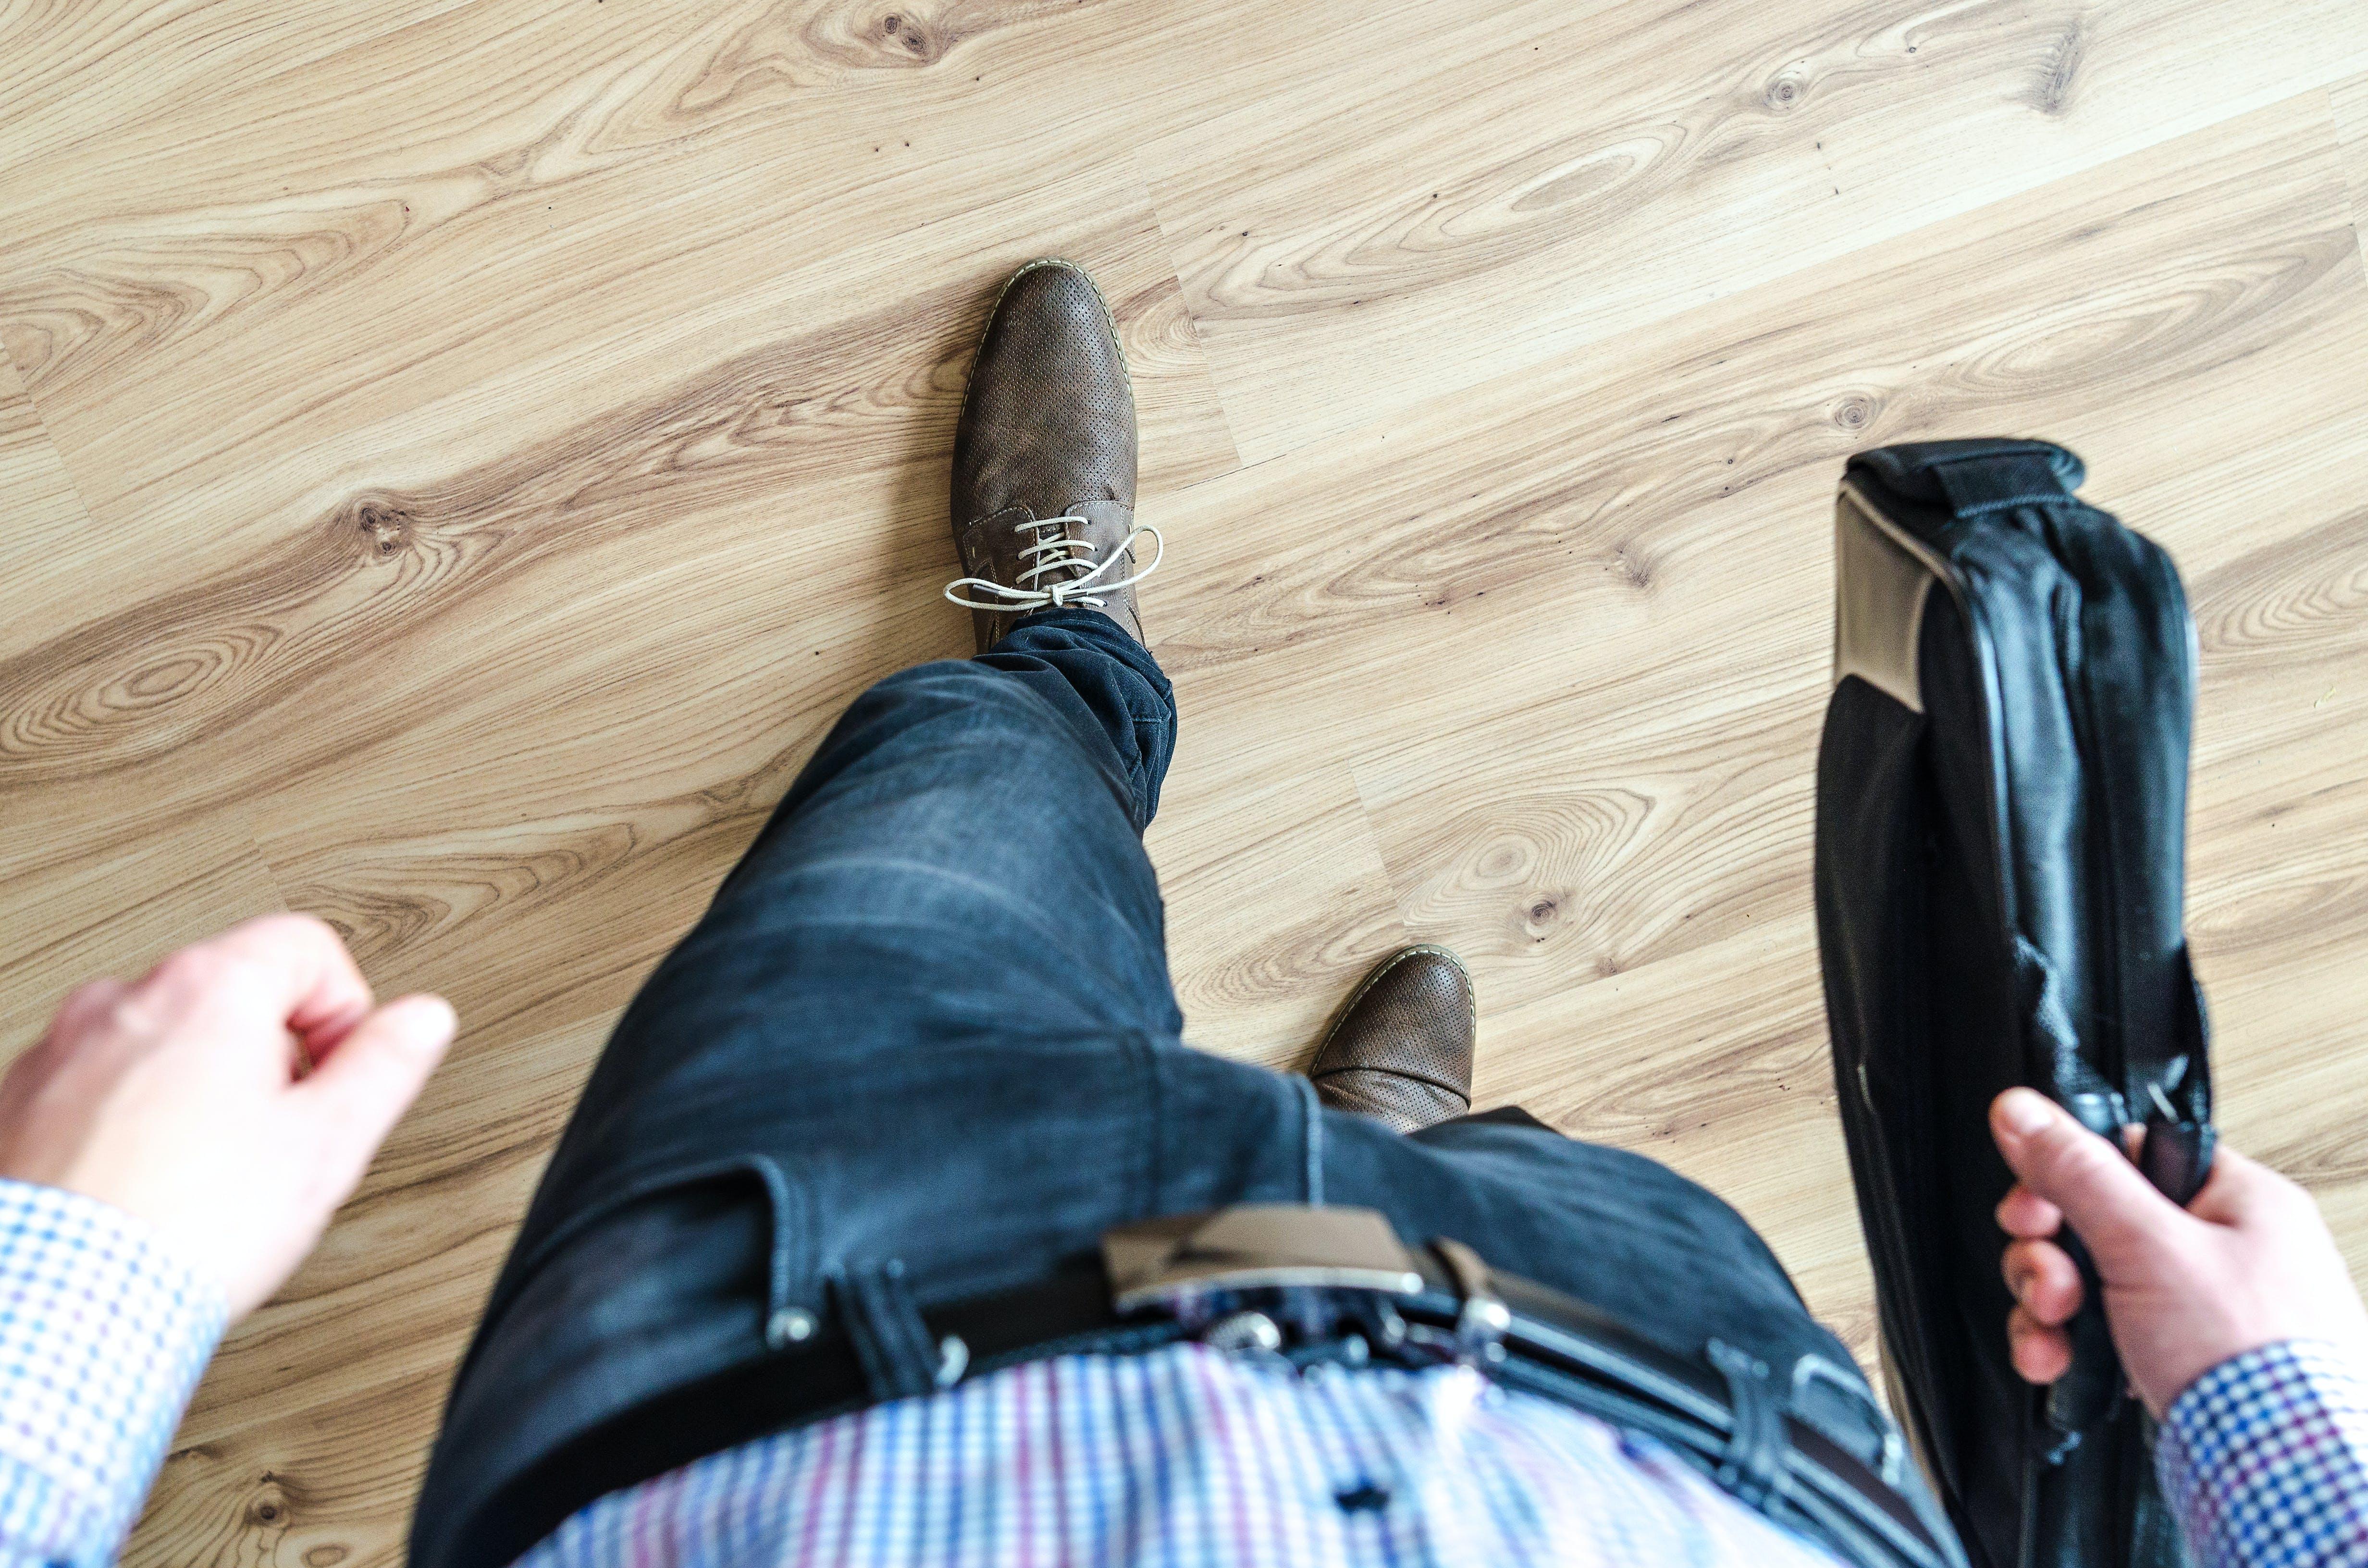 Kostenloses Stock Foto zu büro, drinnen, fashion, fußbekleidung